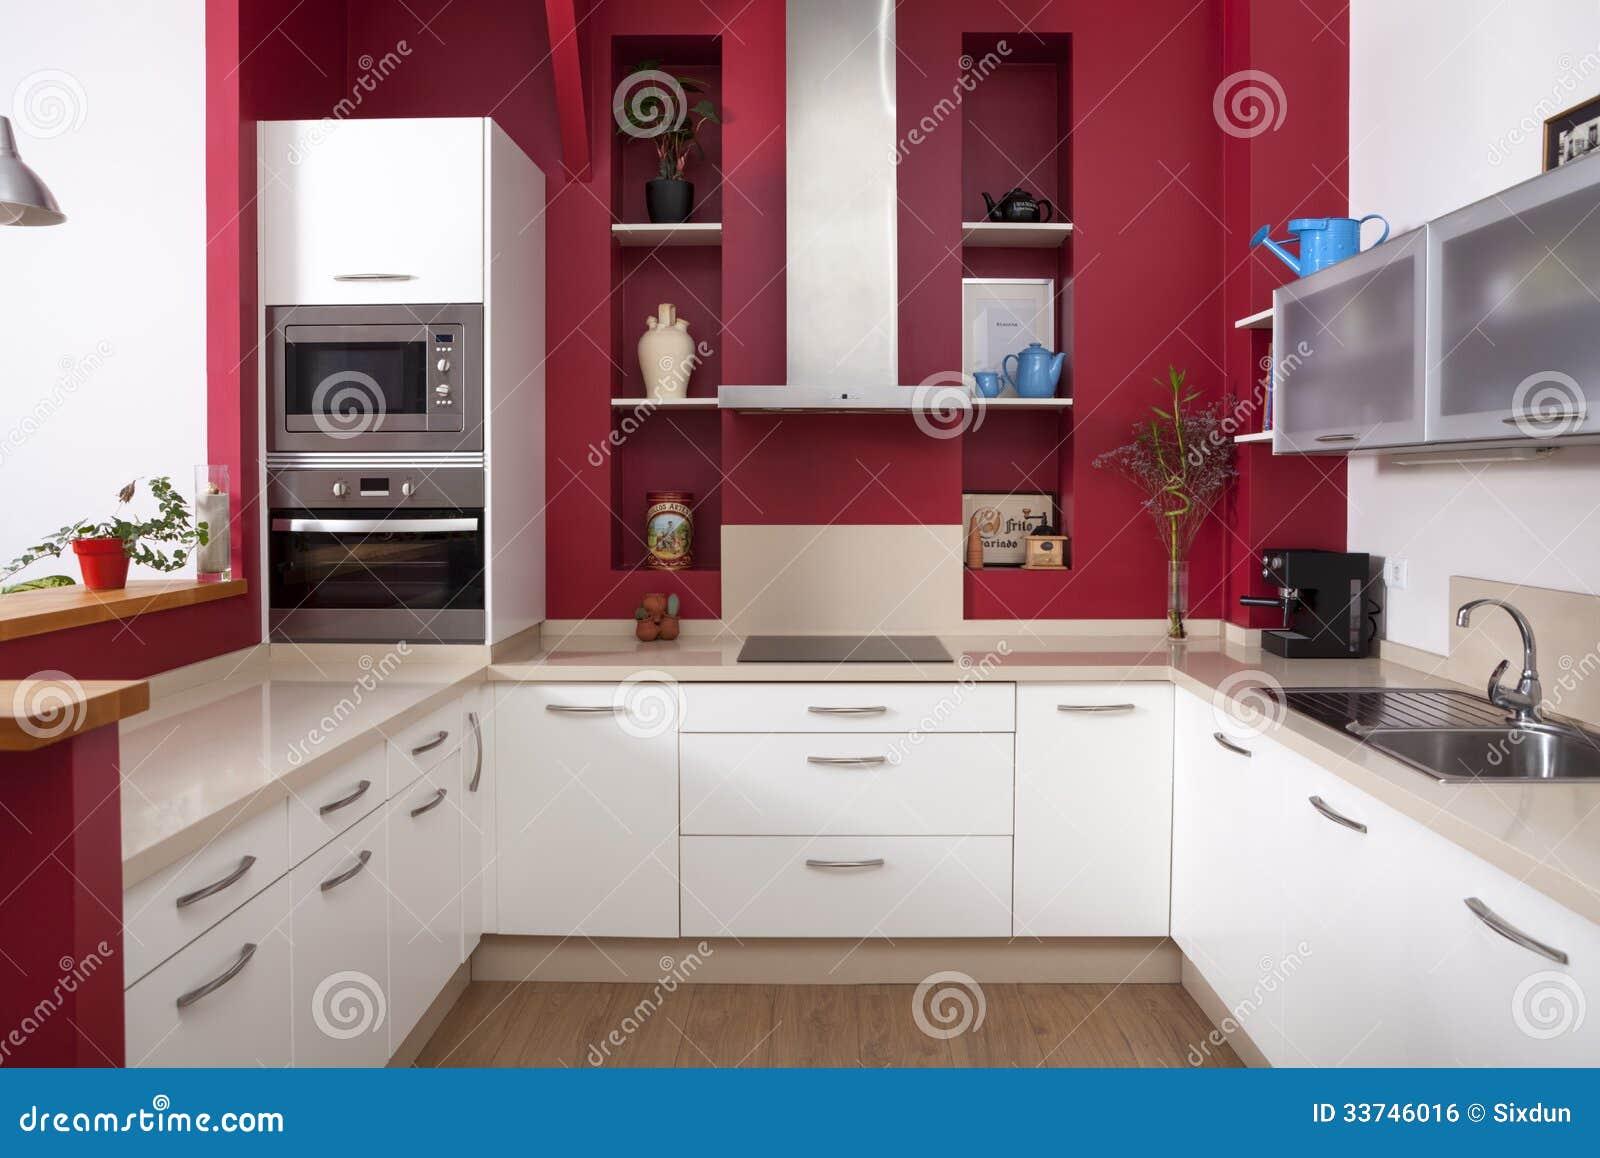 Moderne Keuken Met Rode Muren Royalty-vrije Stock Afbeelding ...